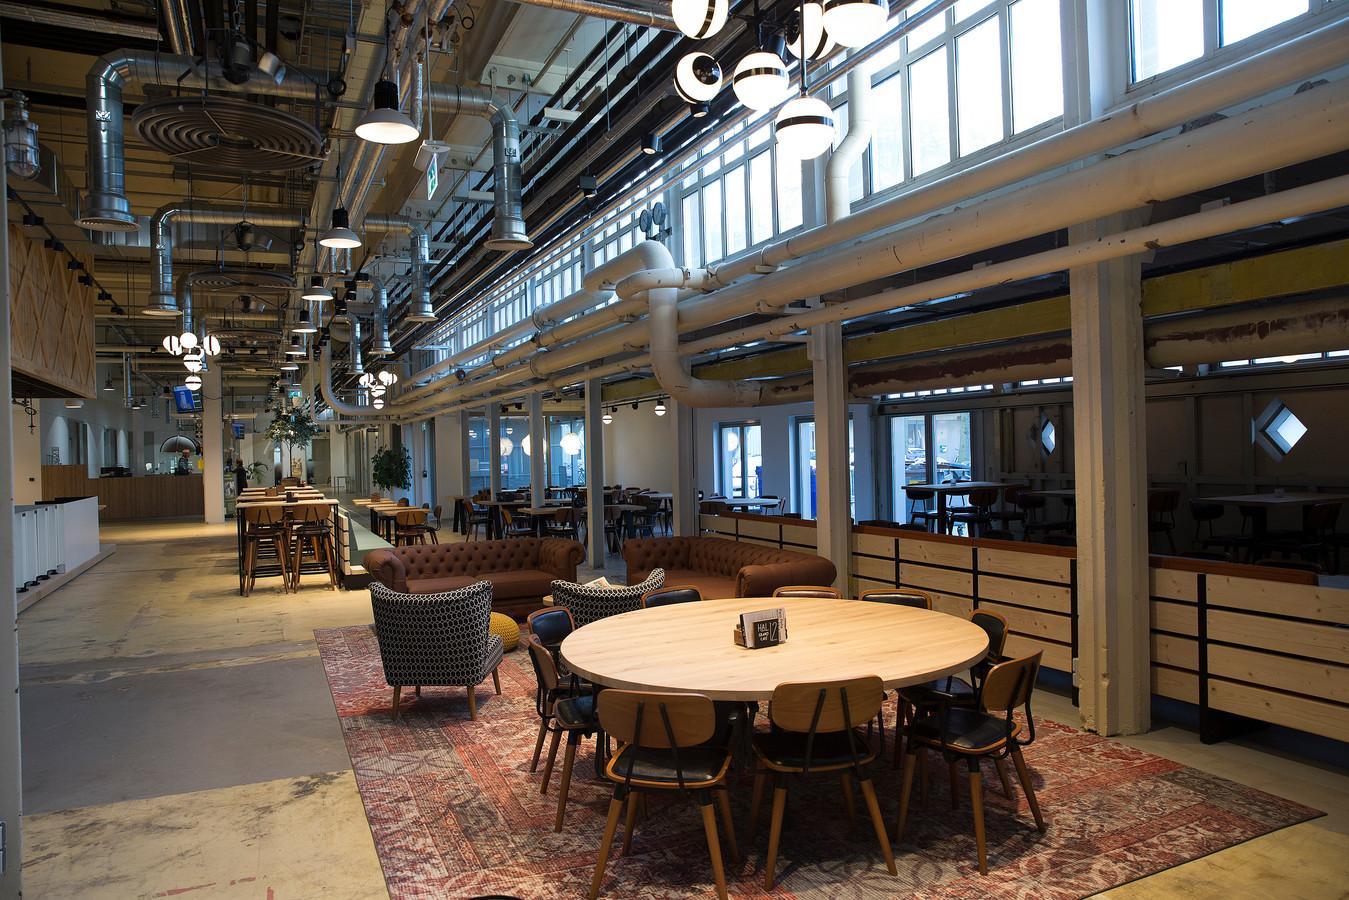 Turmac Cultuurfabriek, de nieuwe cultuurhal in Zevenaar.